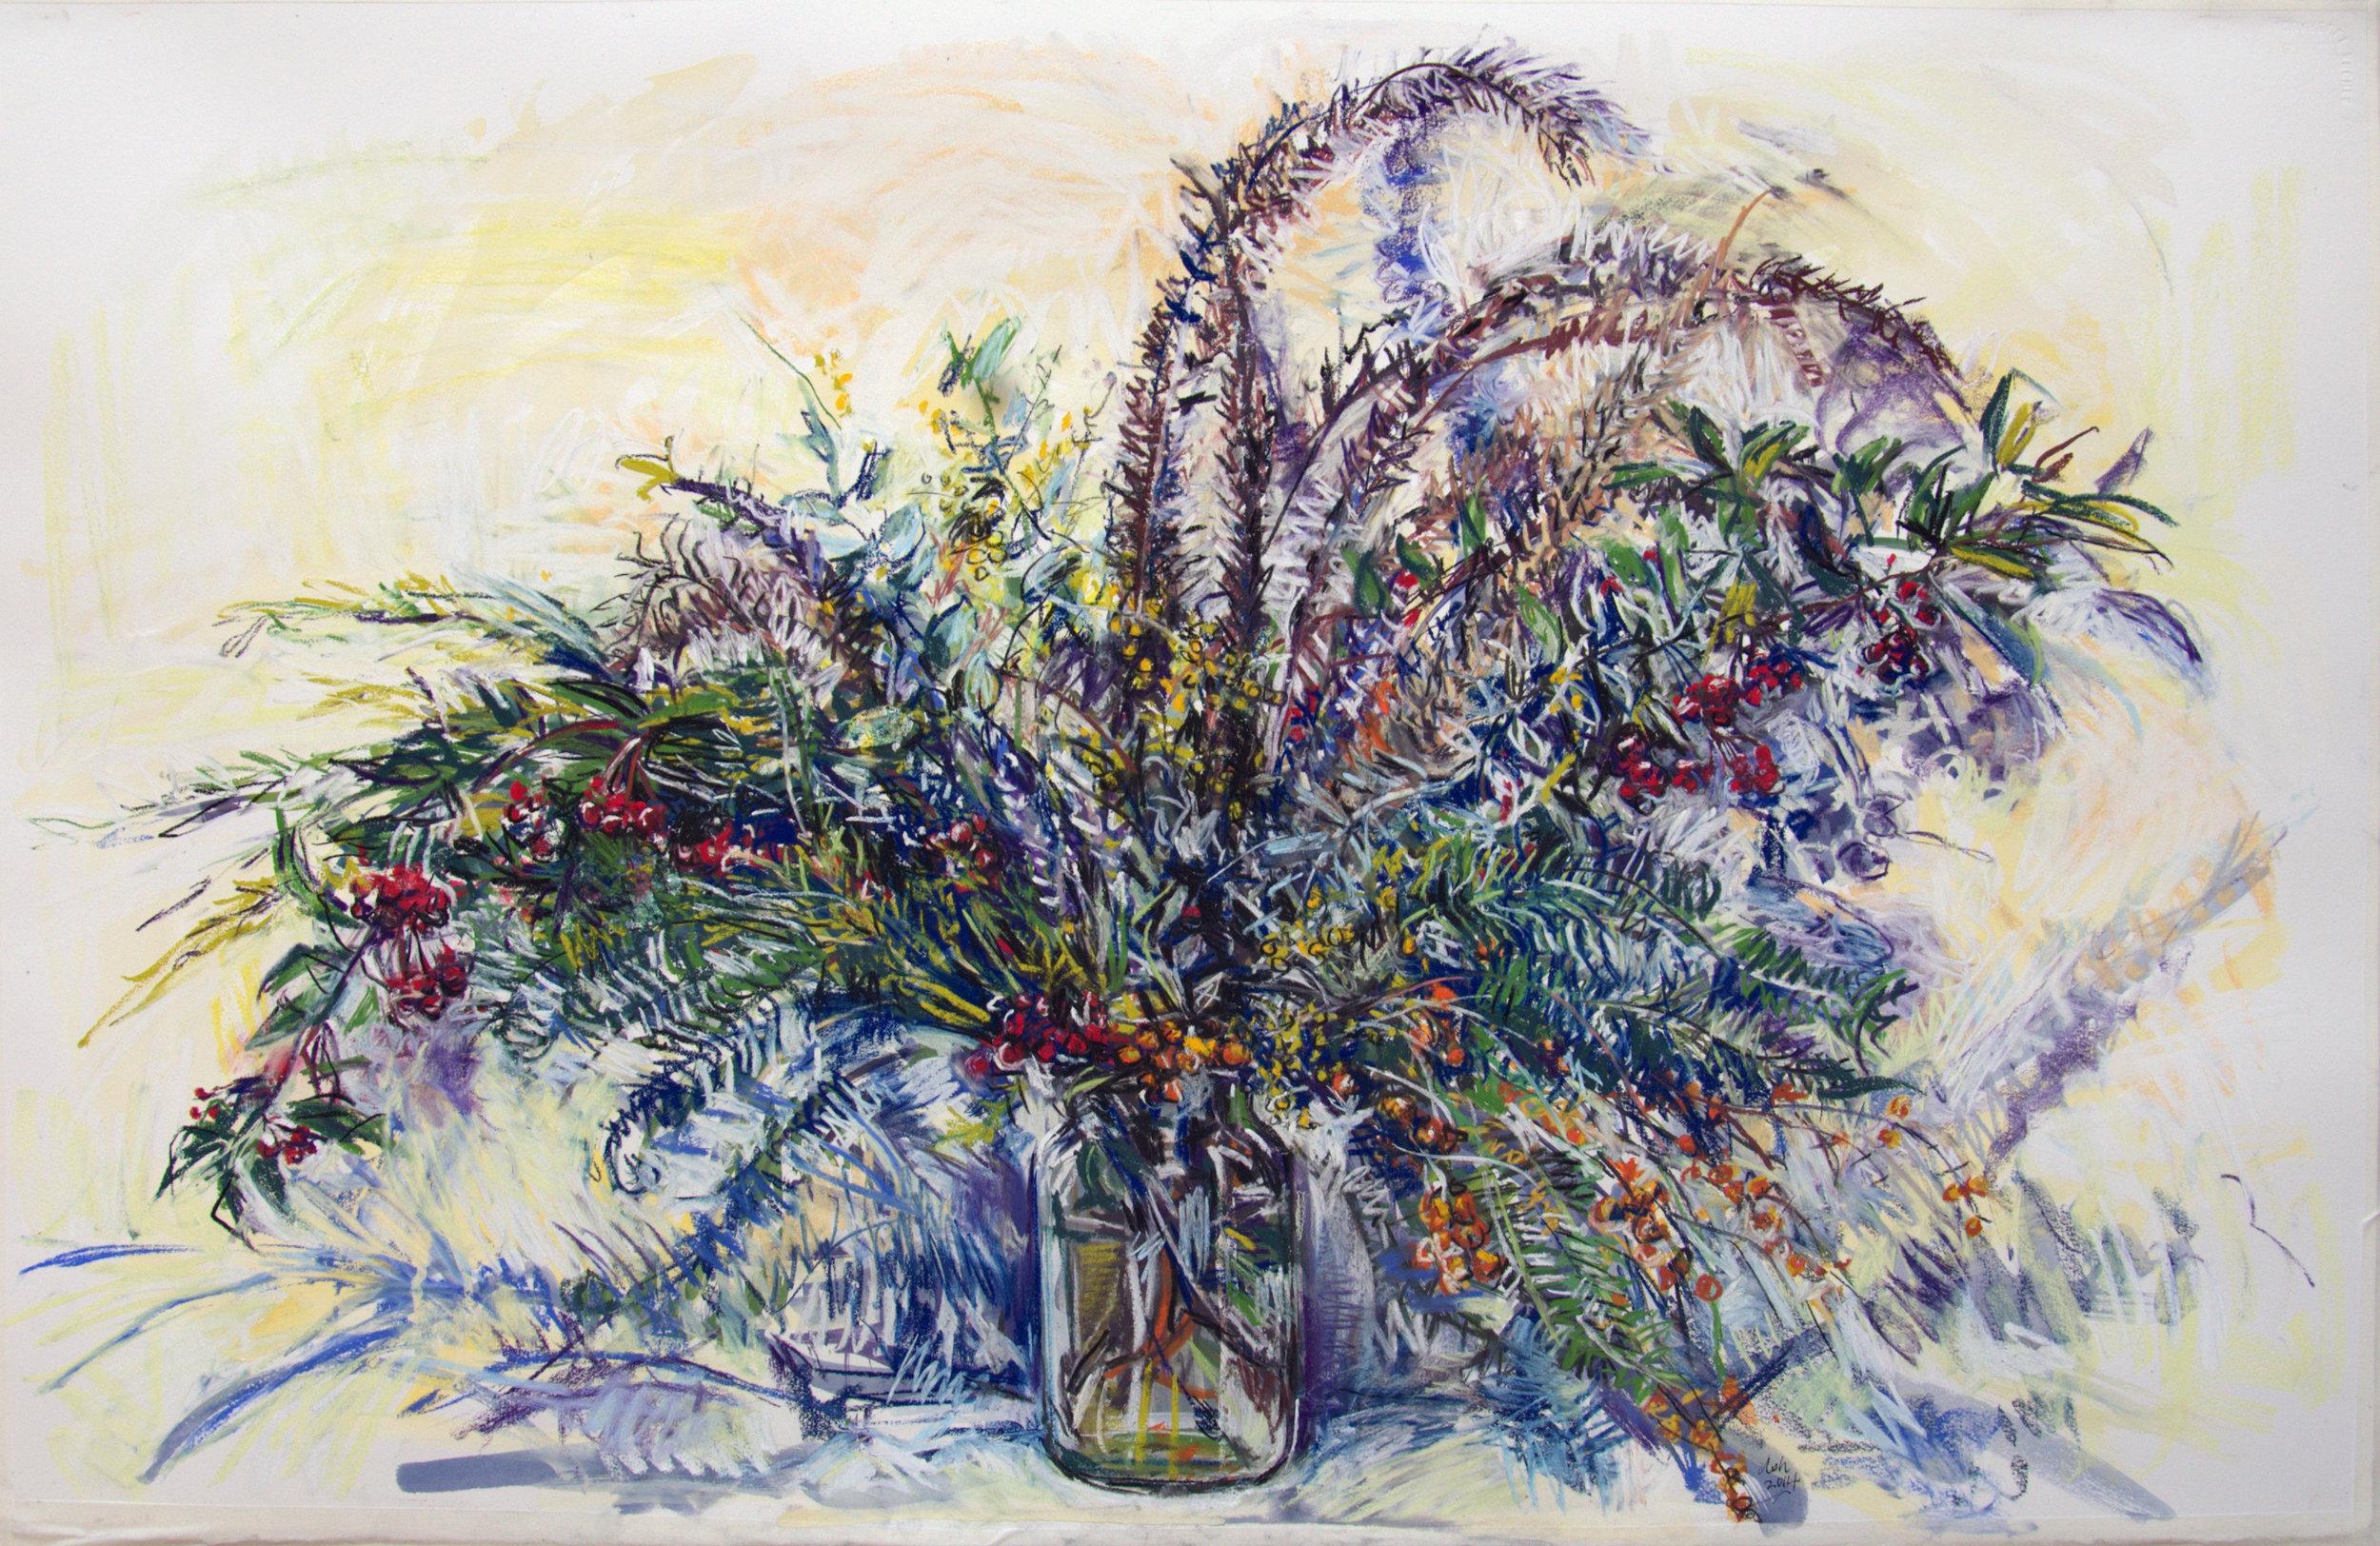 Brisbane bouquet , 2015, conte crayon on rag paper, 65cm x 100cm